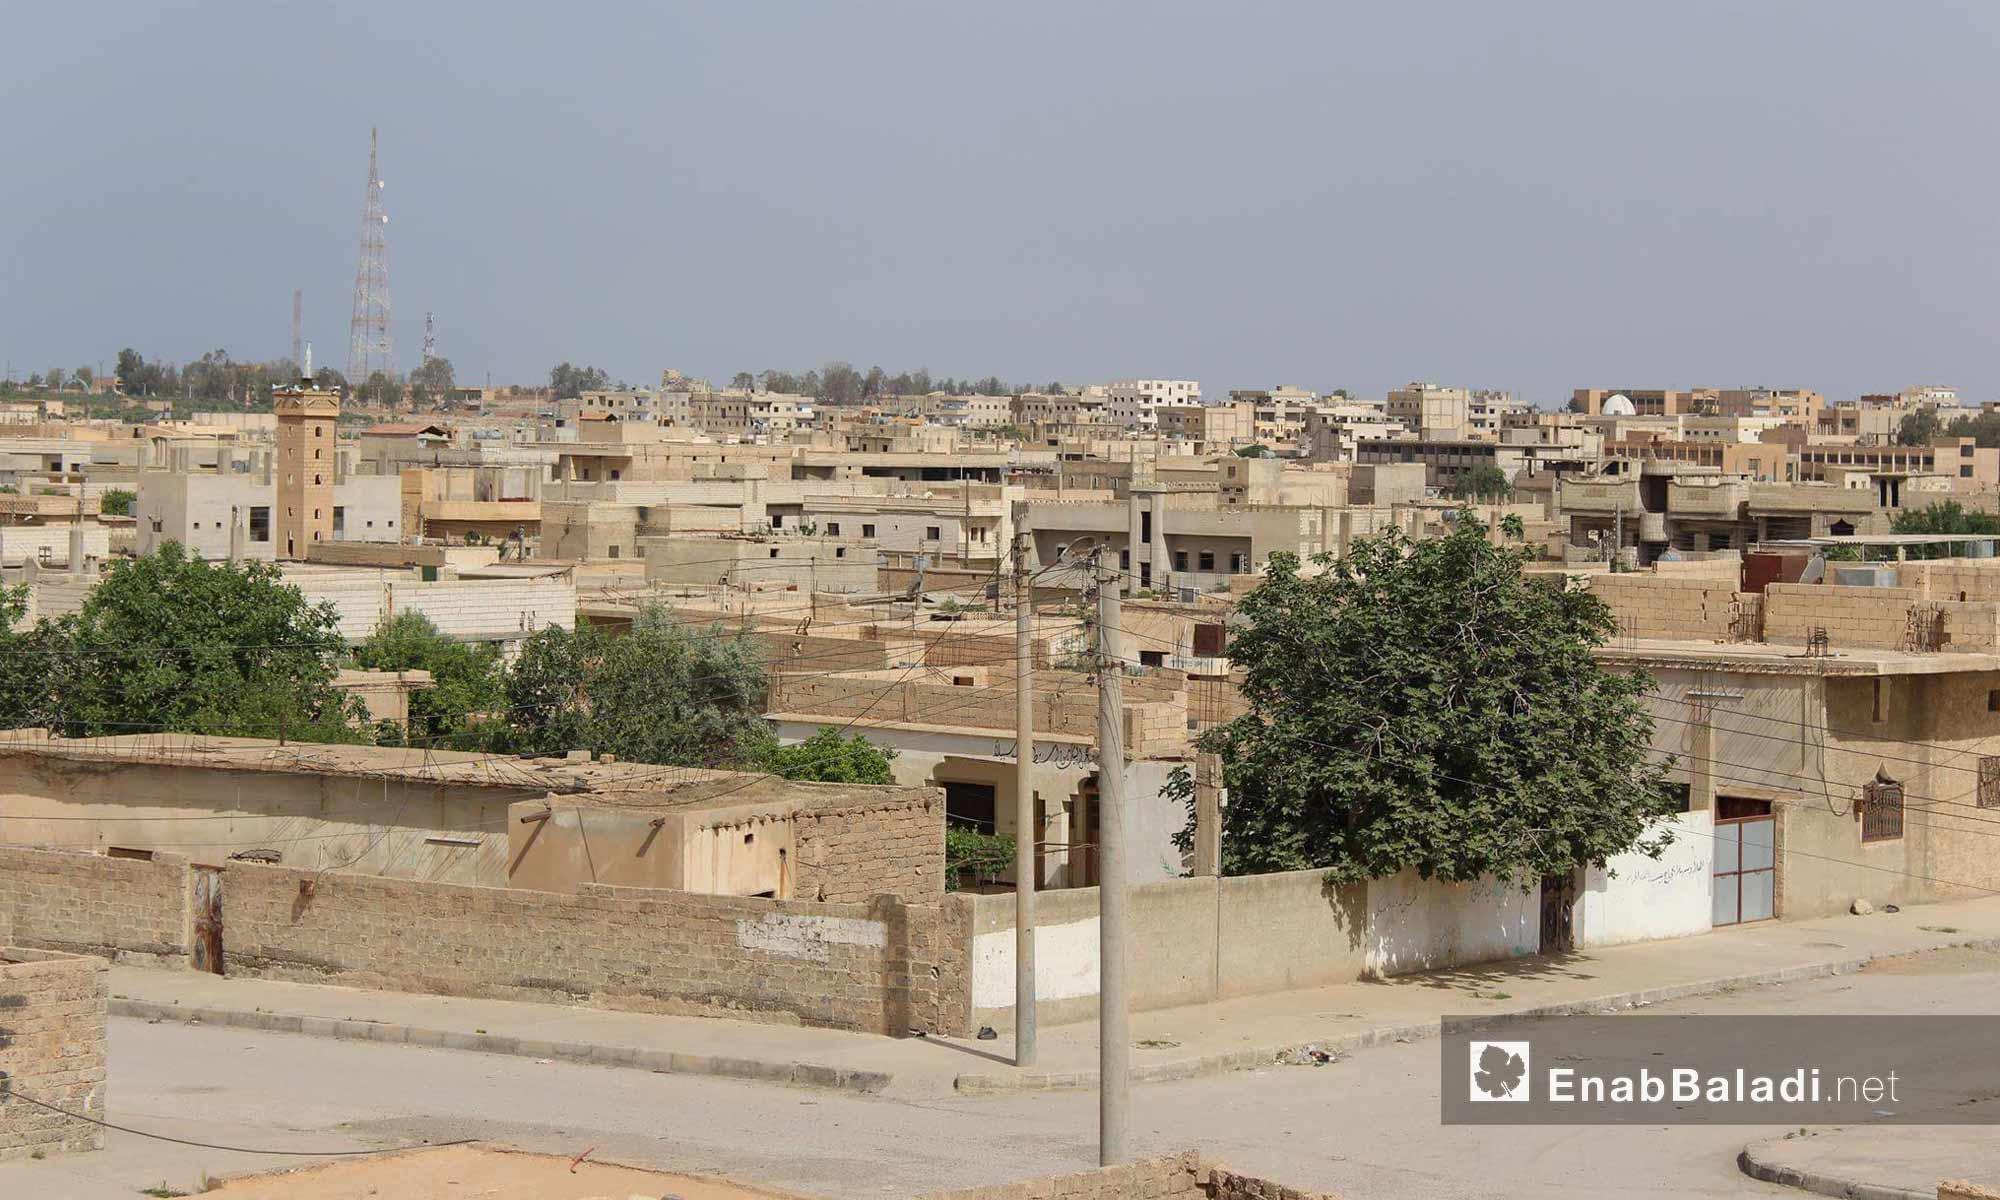 مدينة الطبقة في ريف الرقة الغربي - 23 أيار 2017 - (عنب بلدي)